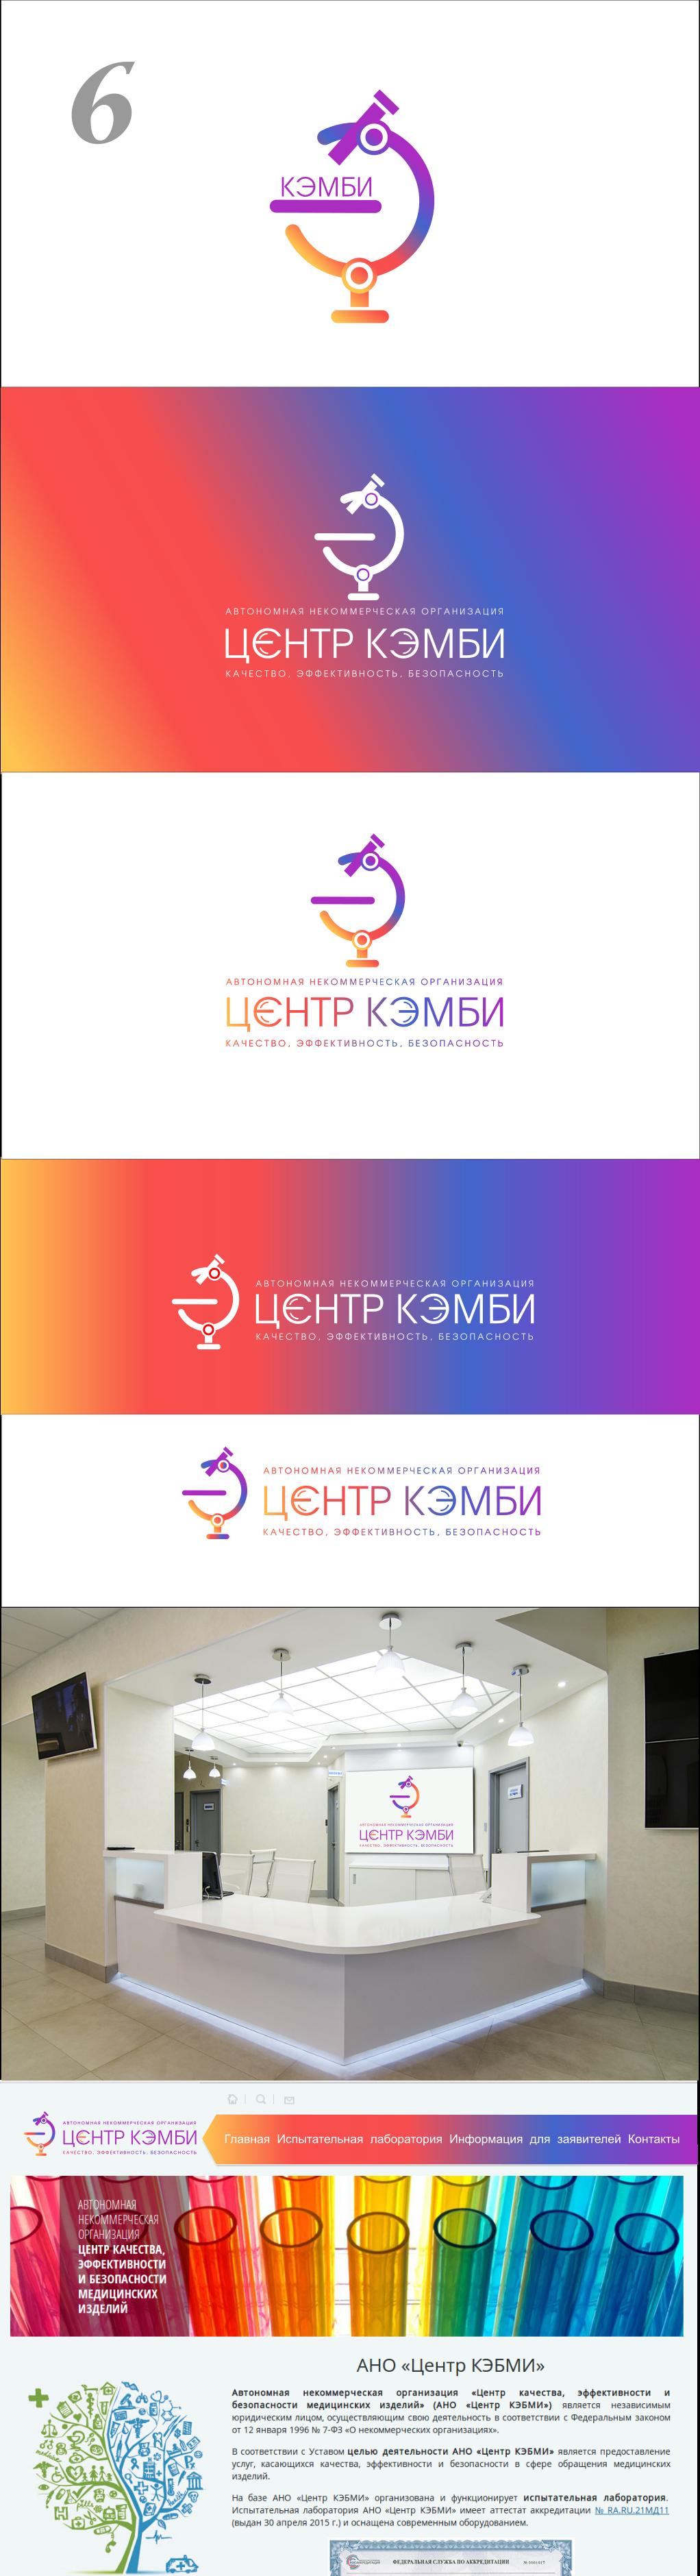 Редизайн логотипа АНО Центр КЭБМИ - BREVIS фото f_6725b1fa9035f96d.png